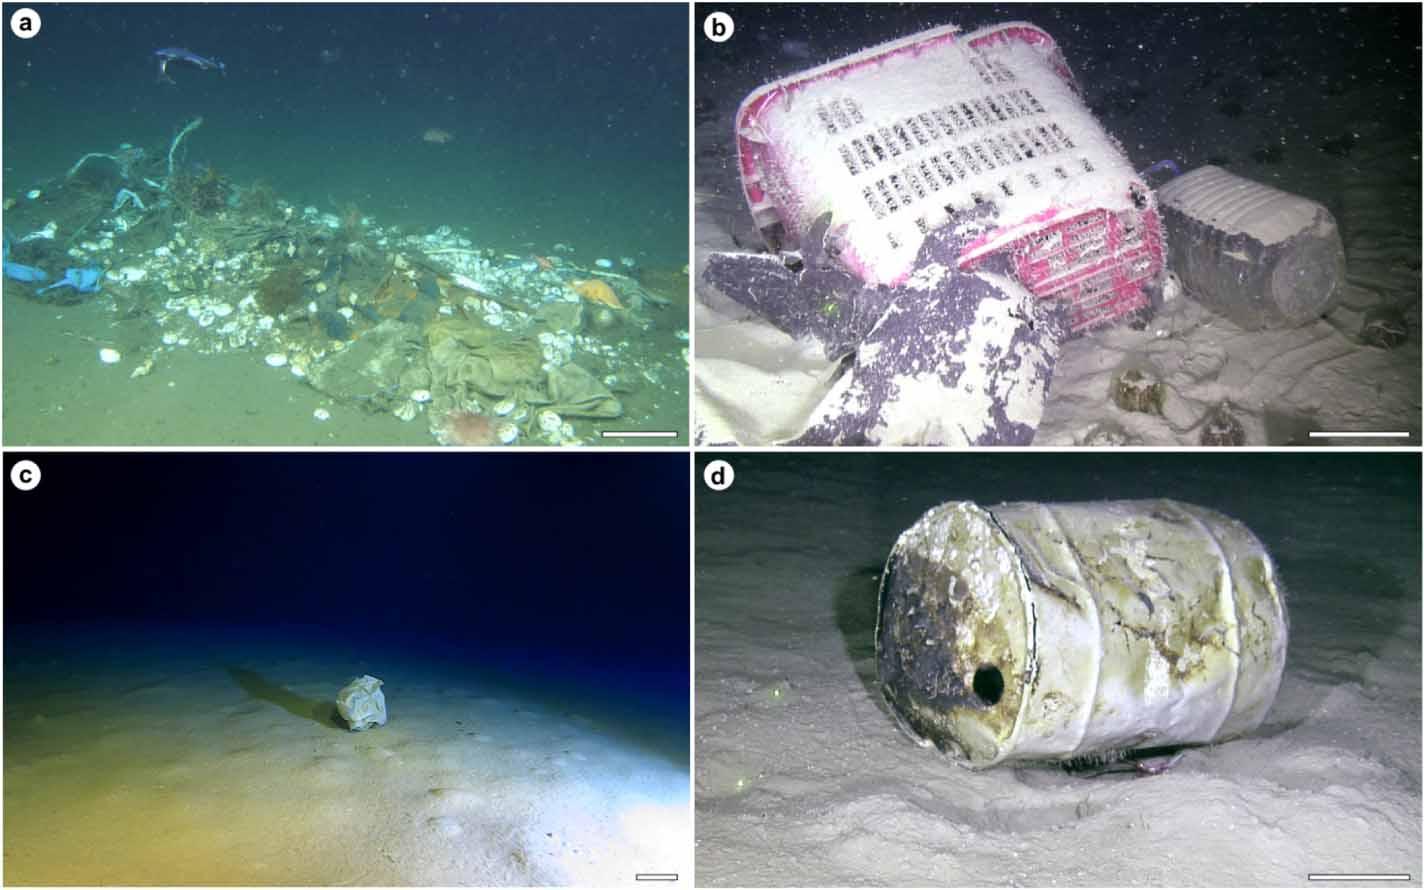 Immagini del fondale marino ottenute grazie a tecnologie come il rov.